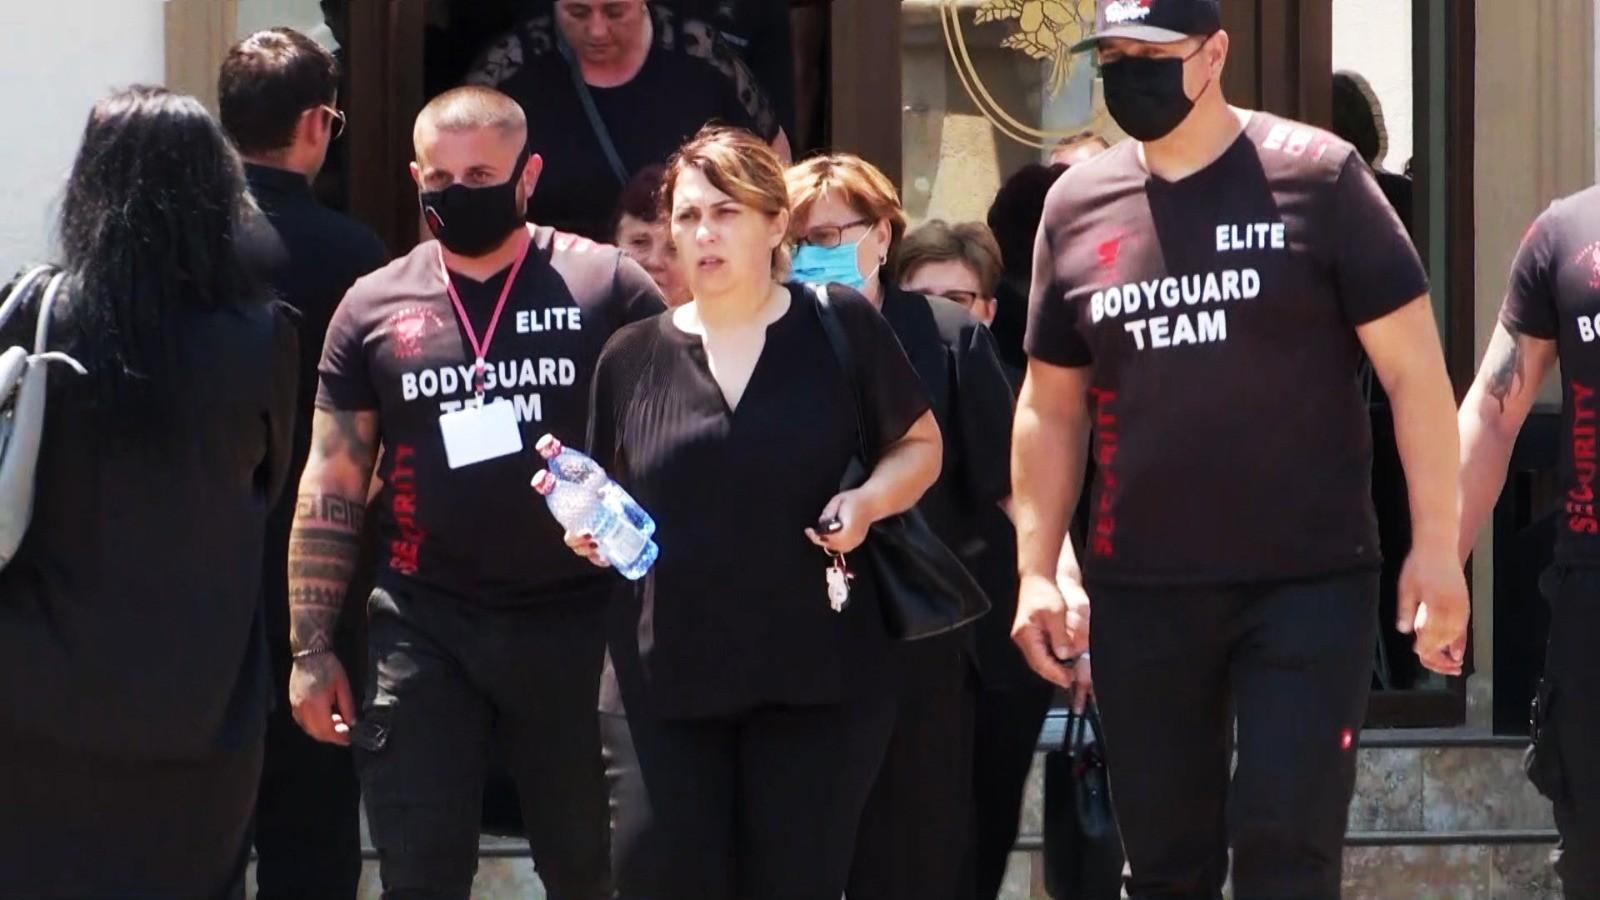 Soţia şi fiica omului de afaceri ucis în atentatul din Arad trăiesc într-o permanentă stare de frică. Scene desprinse din filme la înmormântare: Două firme de pază, angajate